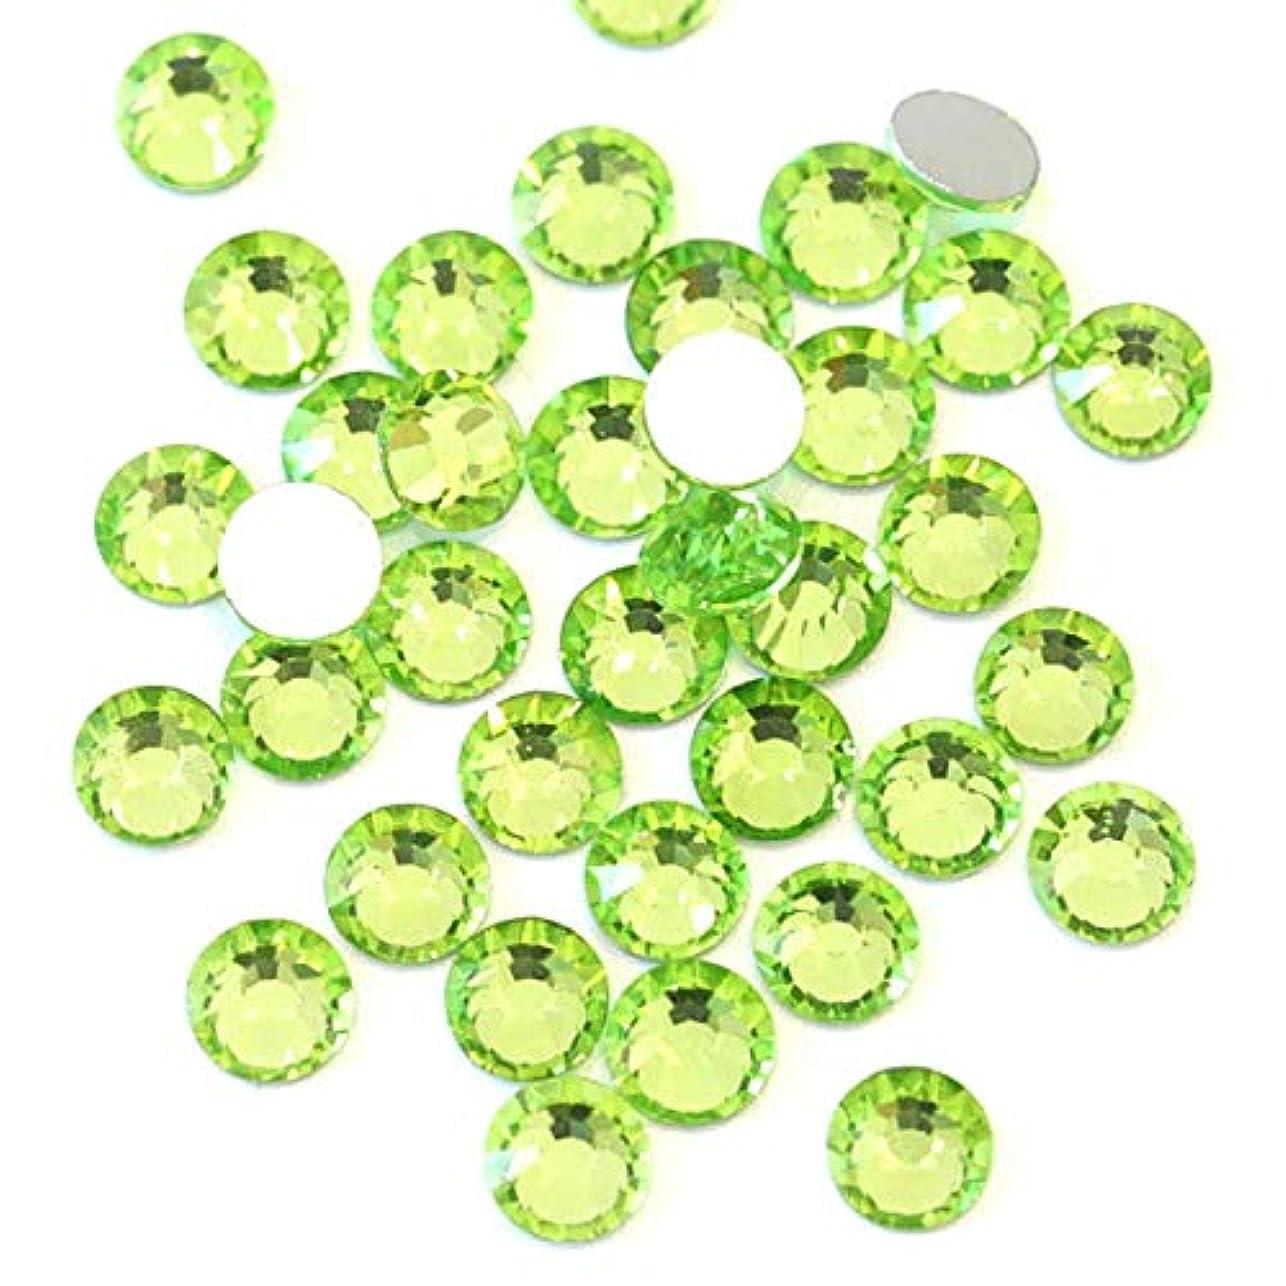 【ラインストーン77】 超高級 ガラス製ラインストーン SS4~SS30 ペリドット スワロフスキー同等 (2.6mm (SS10) 約200粒)